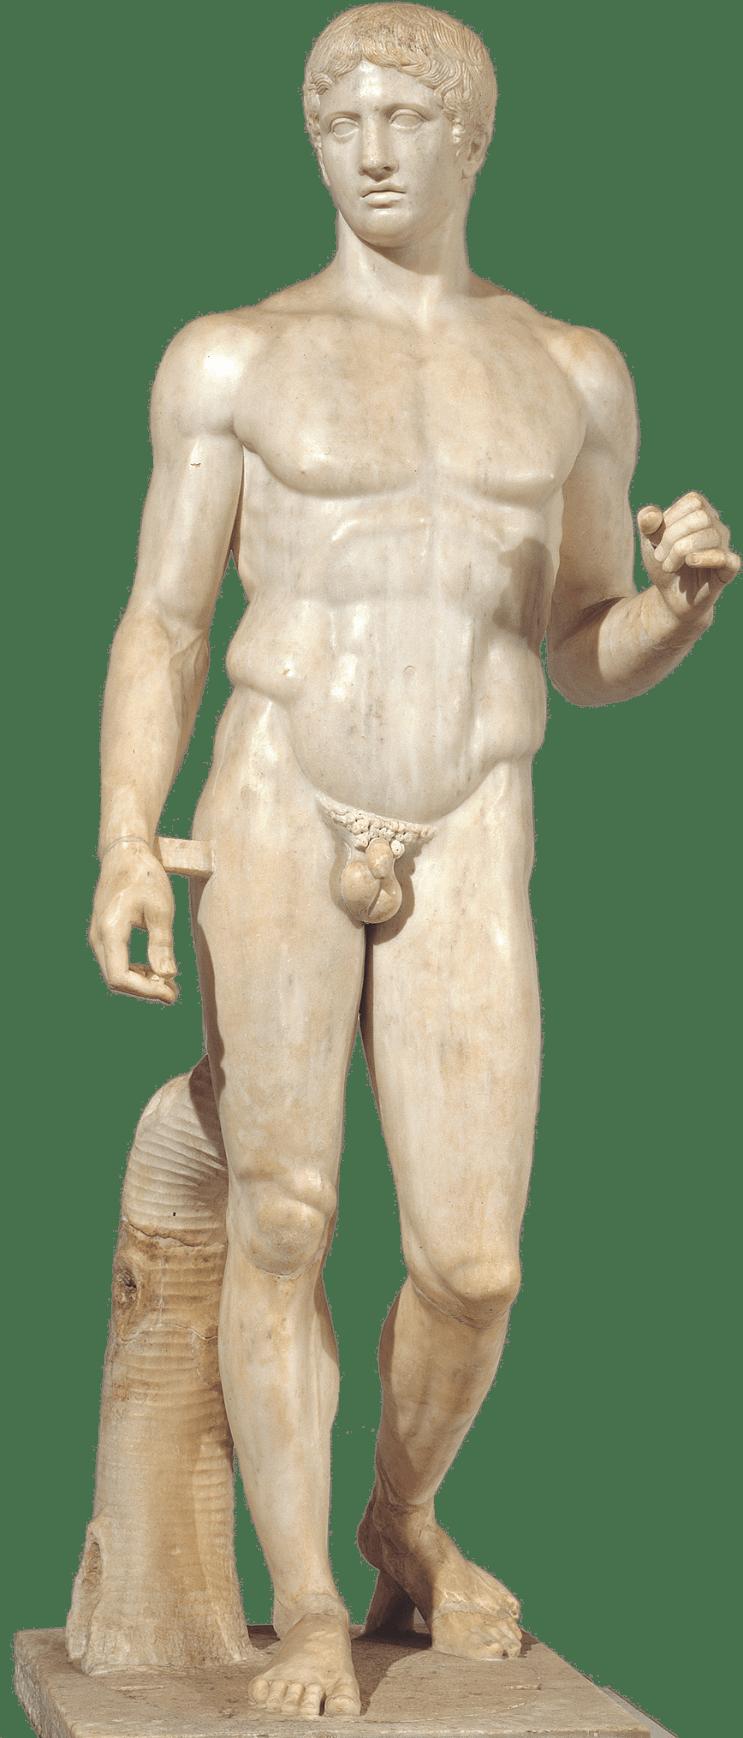 O Doríforo de Polícleto, cuja melhor réplica no mundo é justamente aquela conservada no Museu de Nápoles.